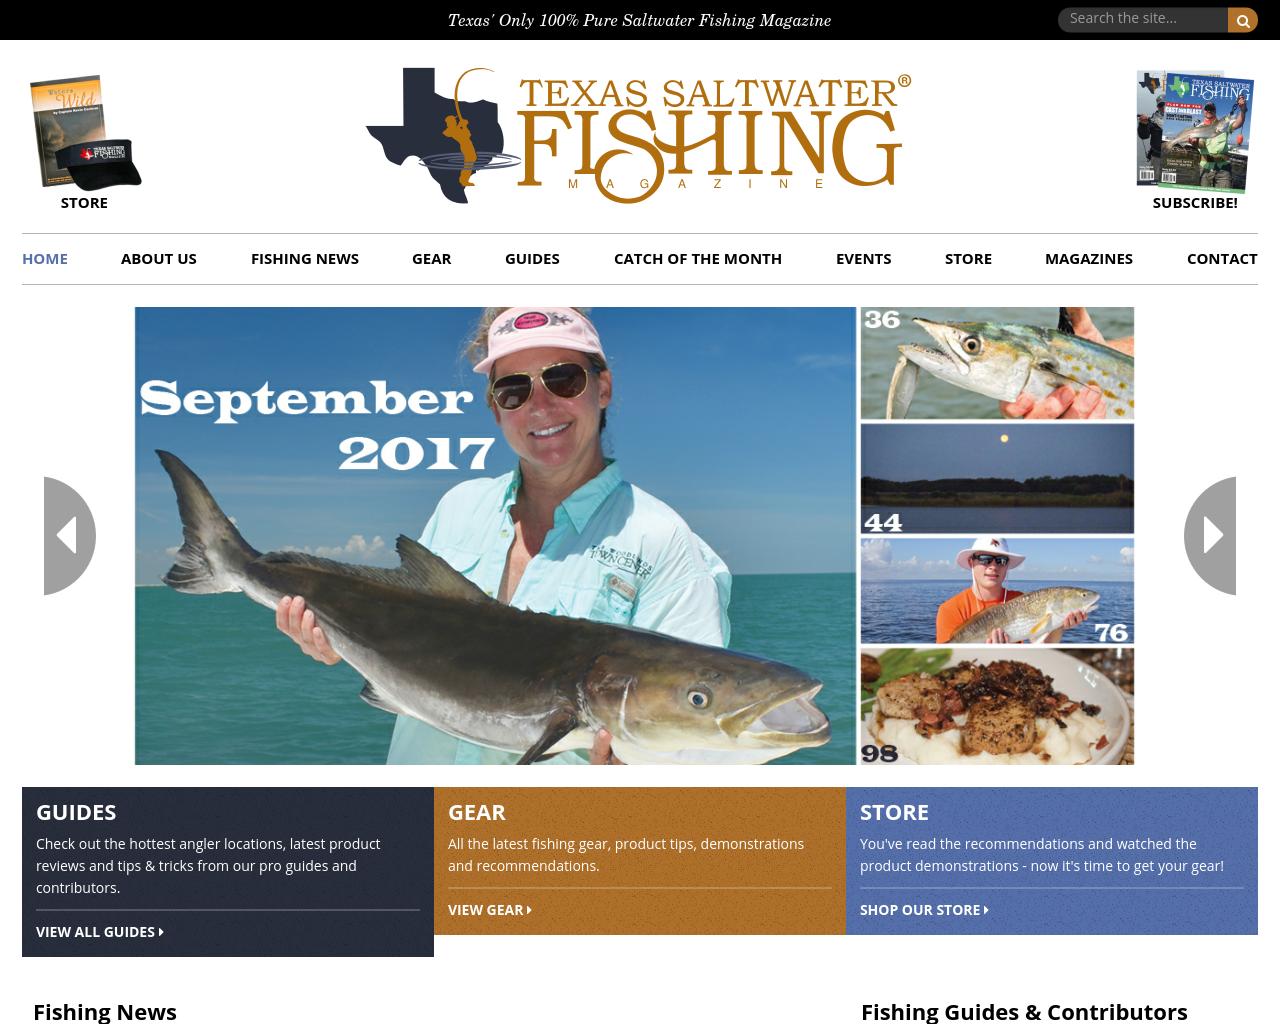 Texas-Salt-Water-Fishing-Magazine-Advertising-Reviews-Pricing